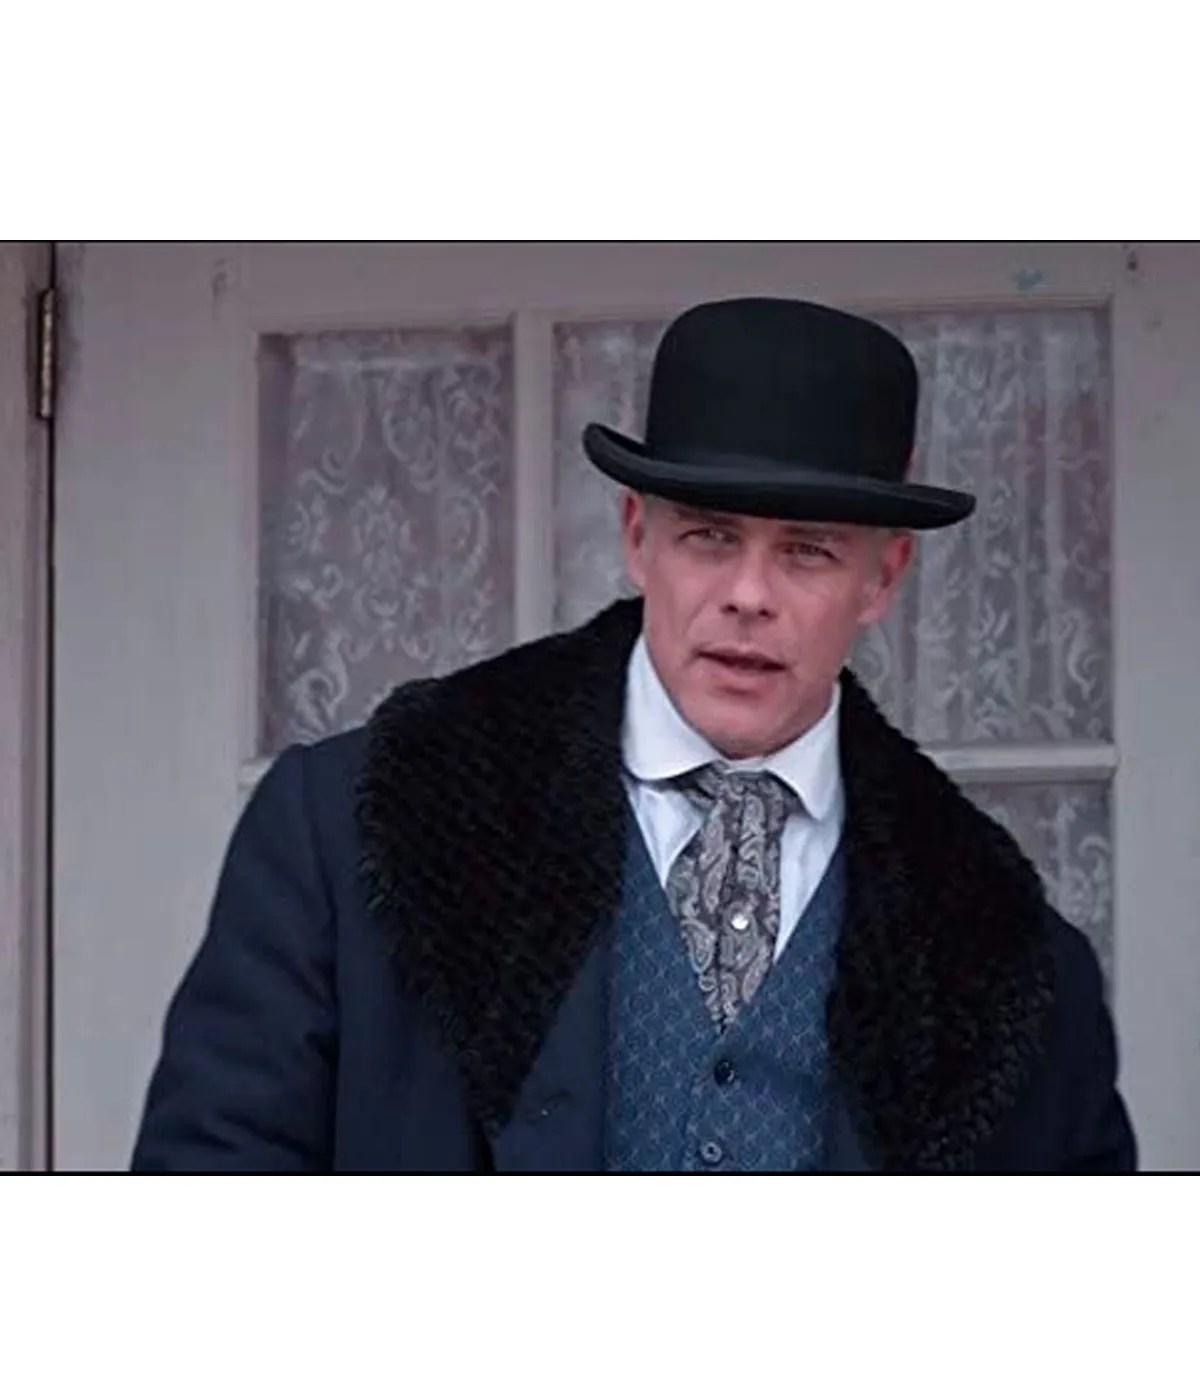 martin-cummins-when-calls-the-heart-henry-gowen-coat